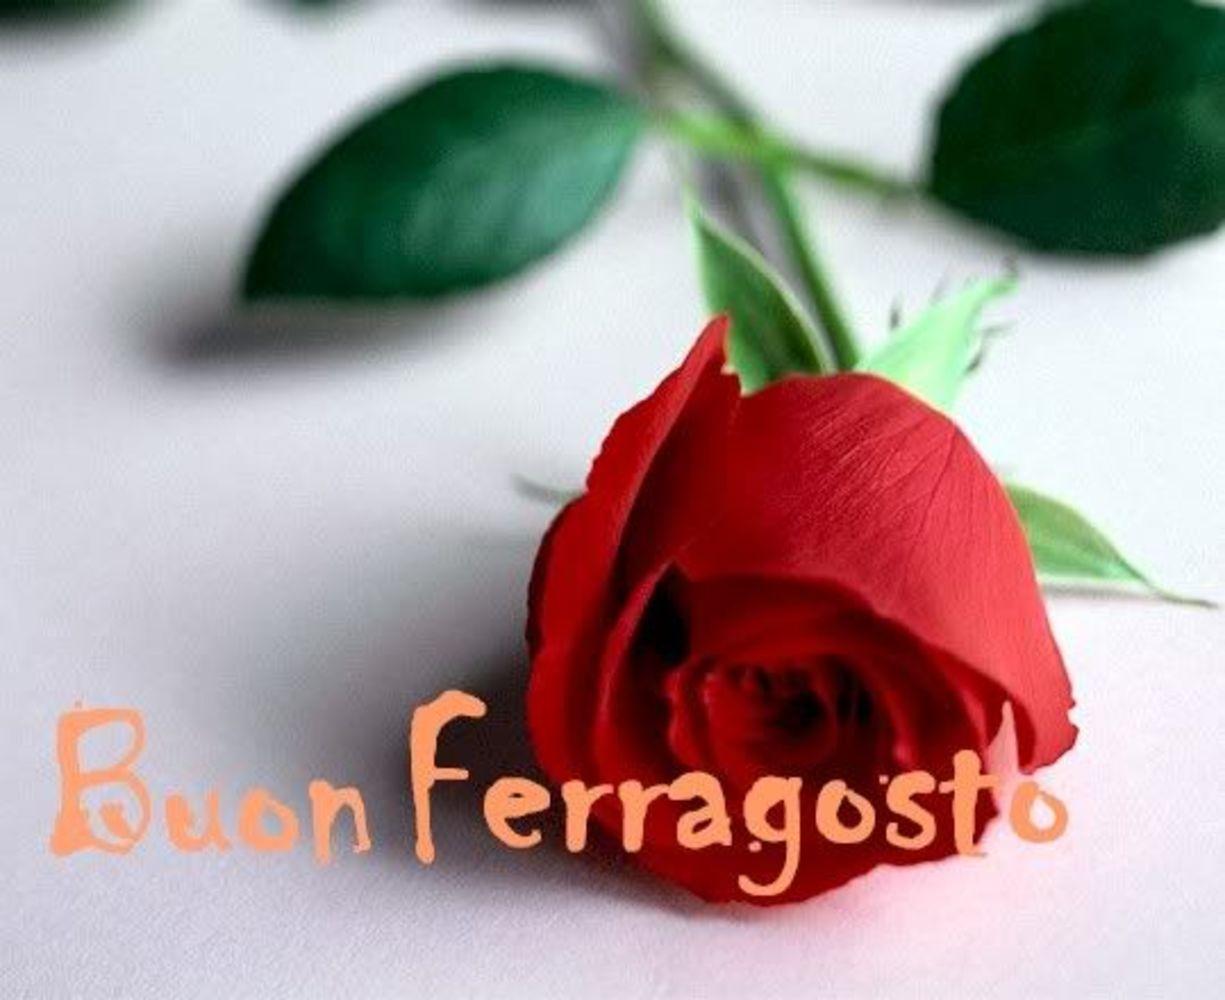 Buon-Ferragosto-Immagini-per-Whatsapp-35